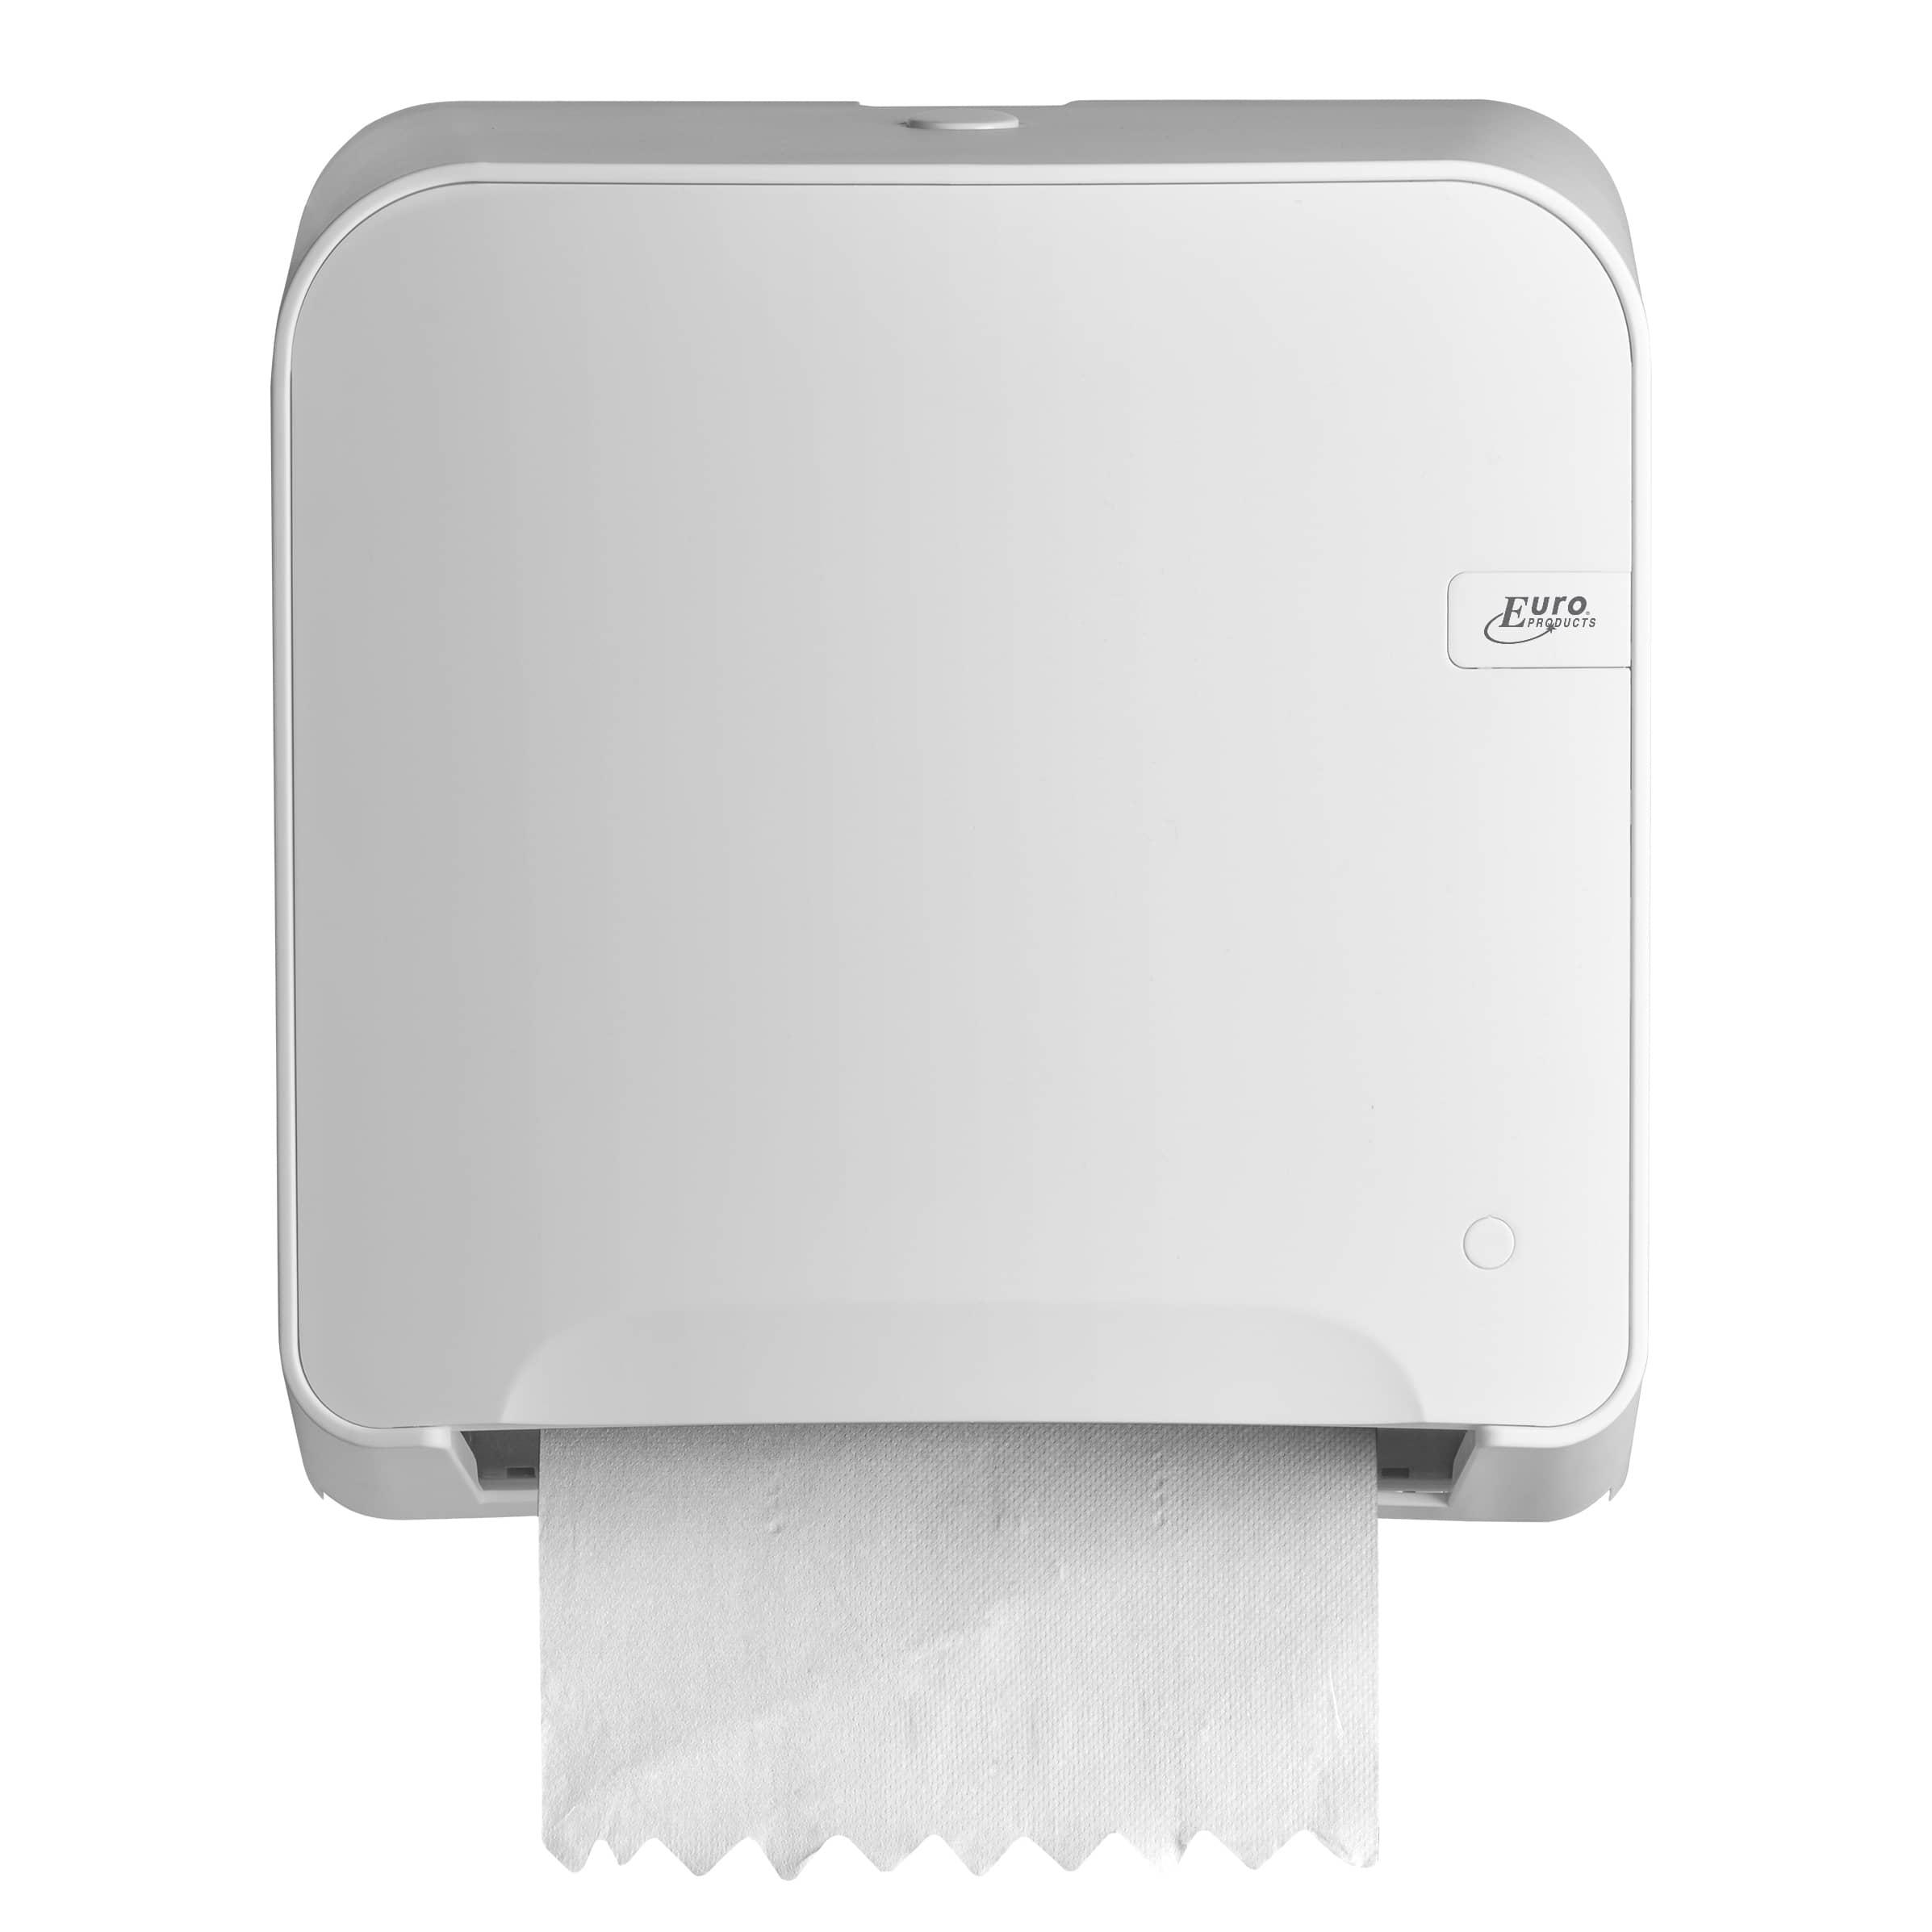 Quartz handdoekautomaat Mini Matic XL wit